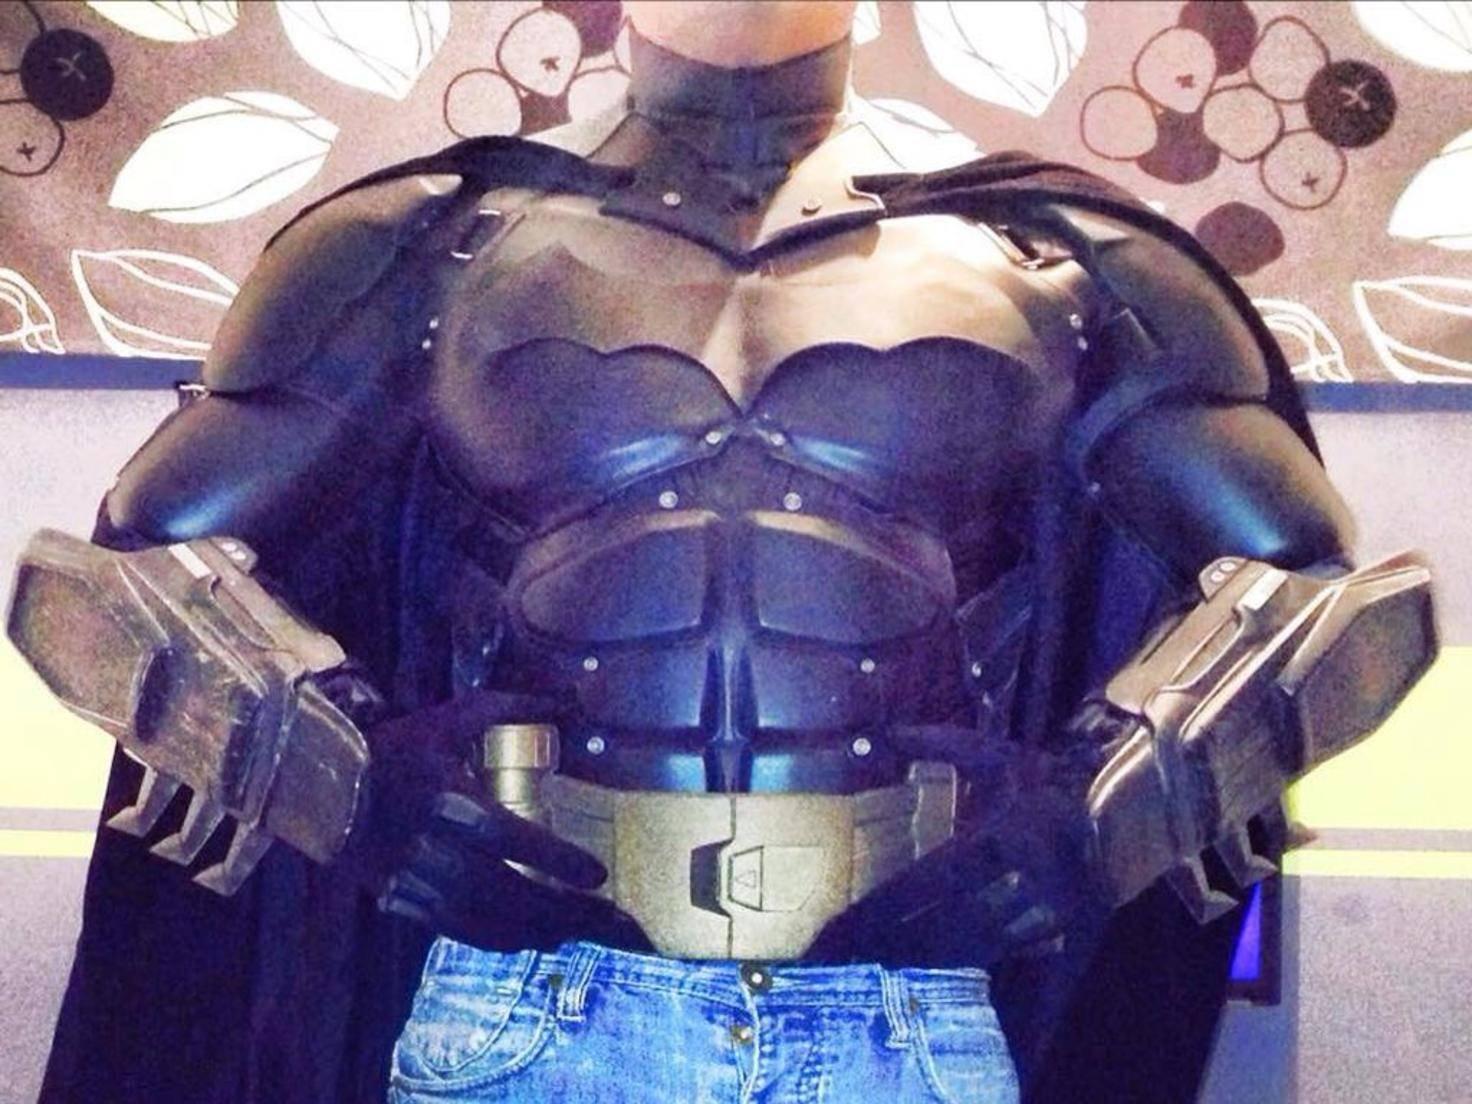 Batsuit